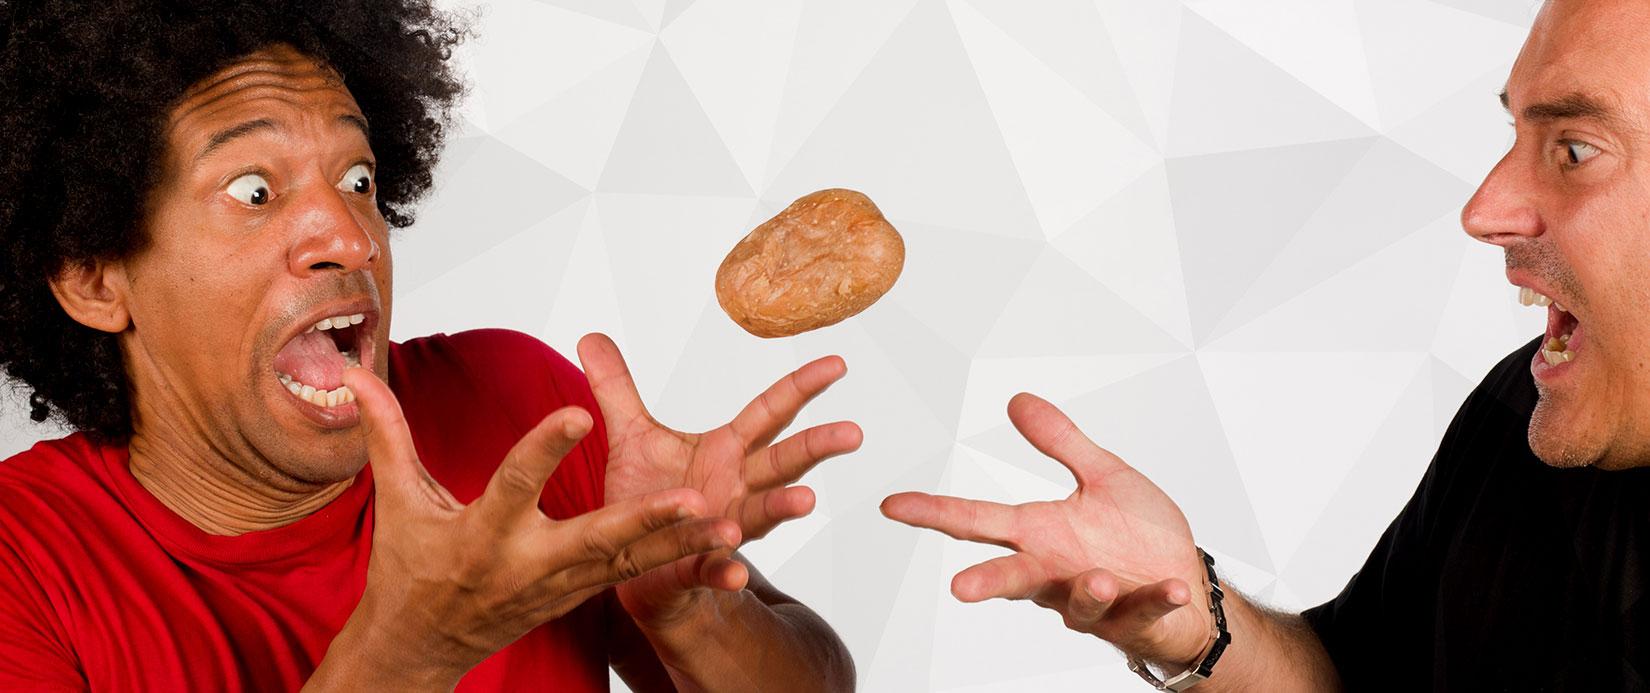 Pramata-blog-hot-potato.jpg